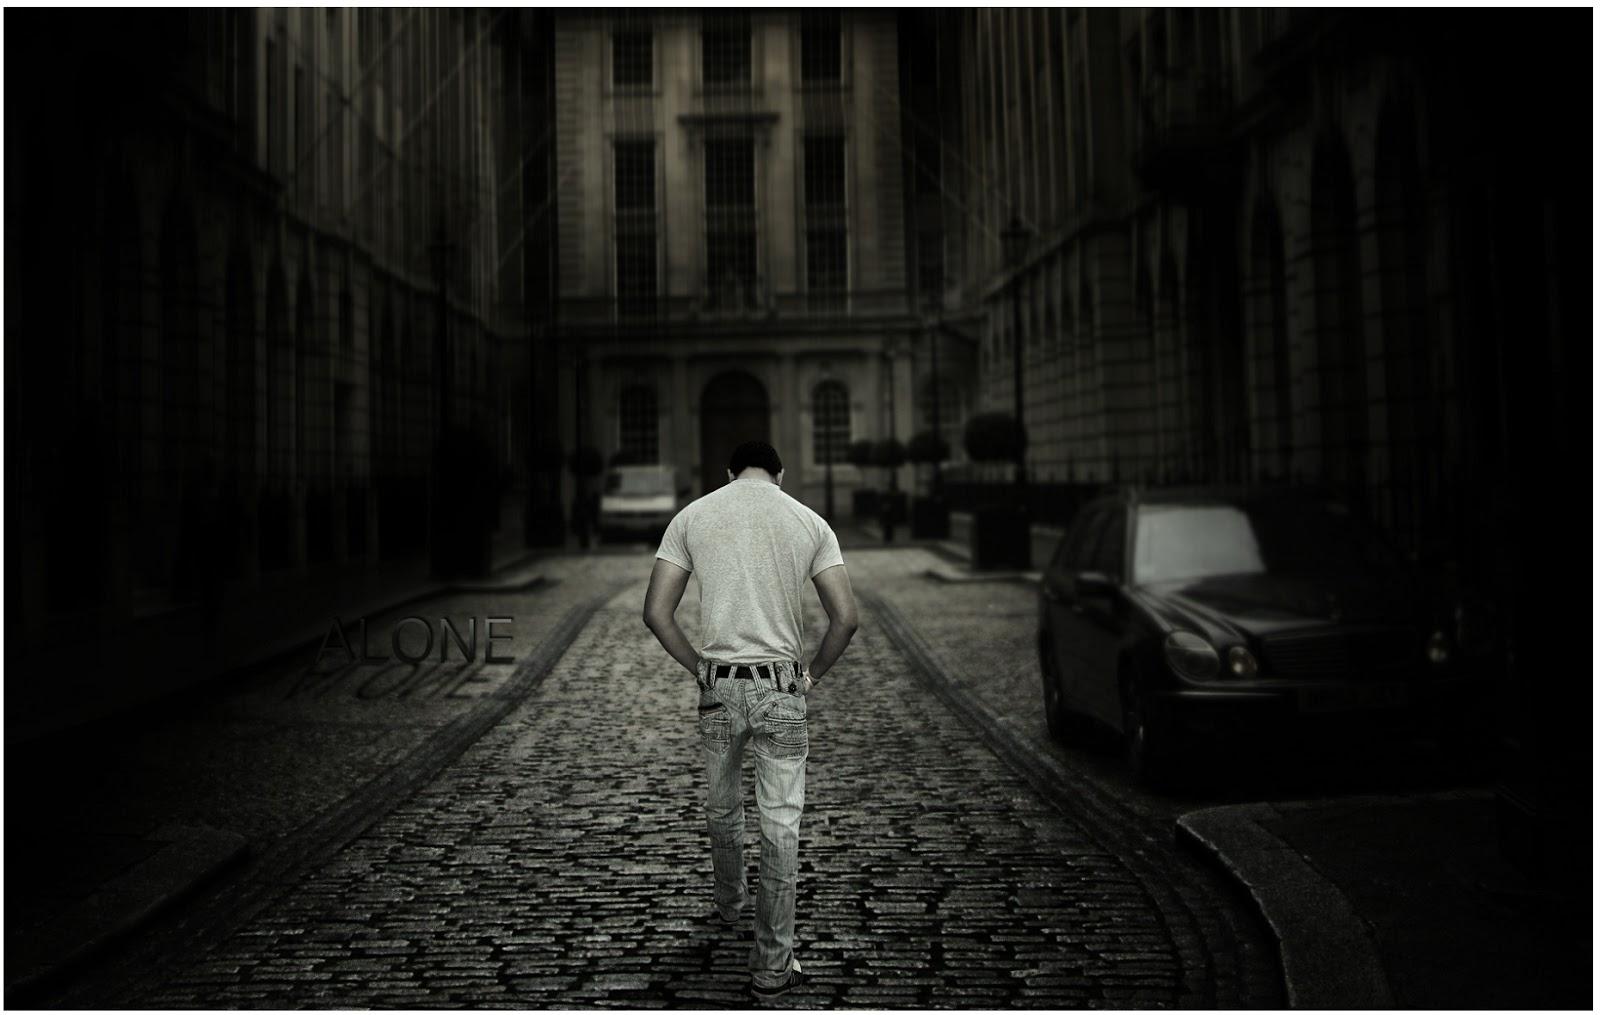 صور صور شباب حزينه , شوفوا ليش كل هالحزن والهم اللى بهالصور للشباب